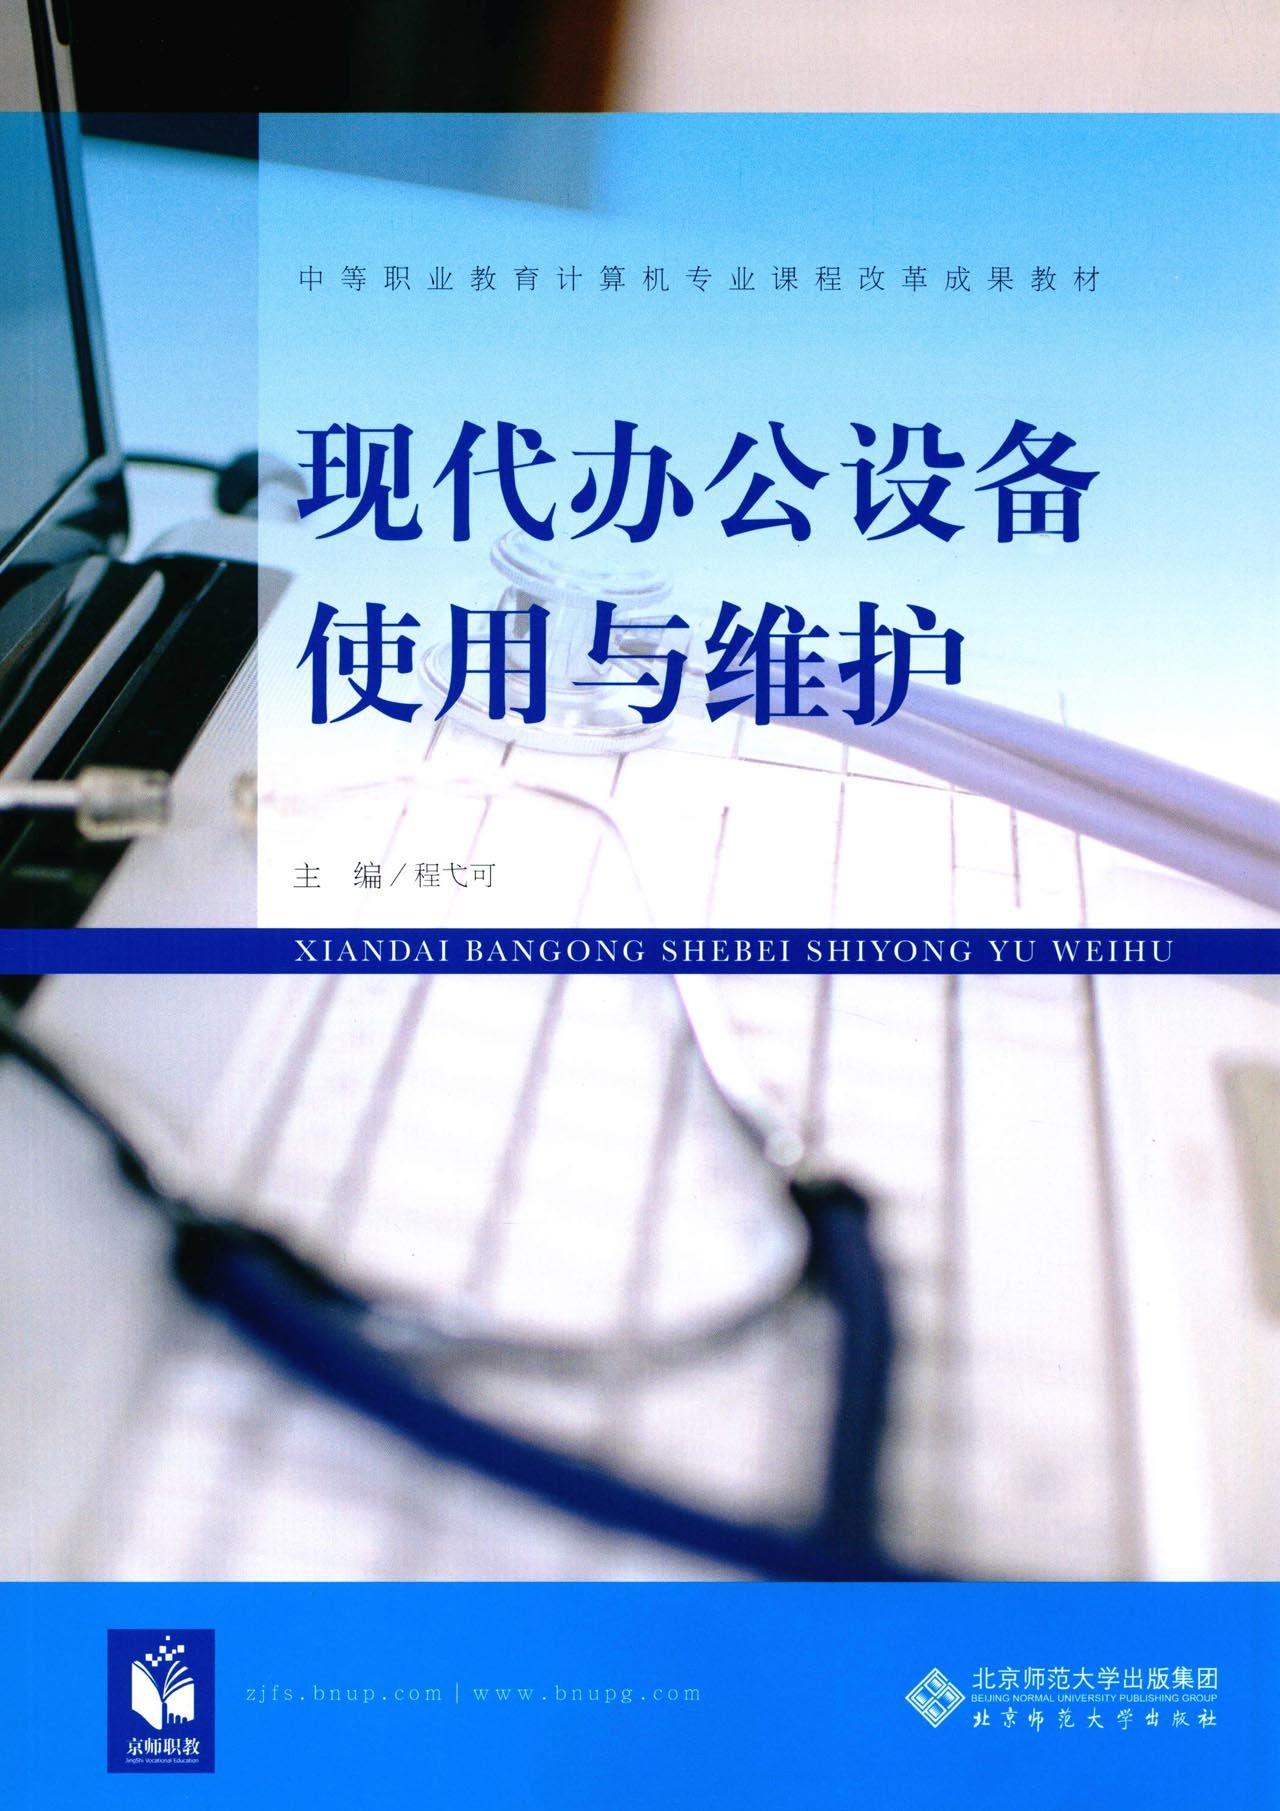 中等職業教育コンピュータ専門コースリフォーム結果教科書:近代的な事務機器の使用とメンテナンス